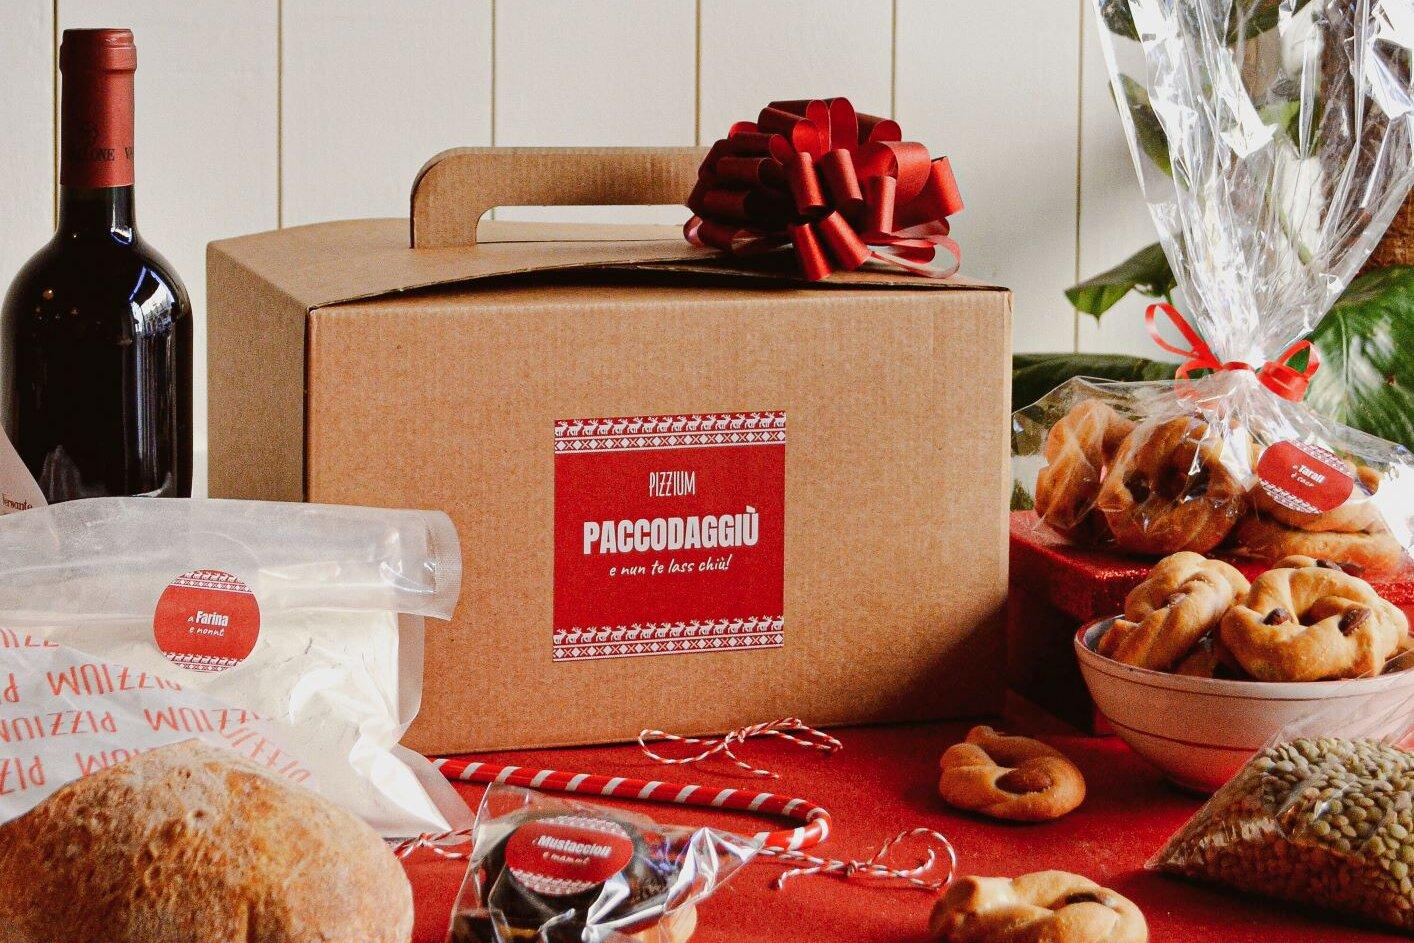 A Natale da Pizzium arriva… il Paccodaggiù!